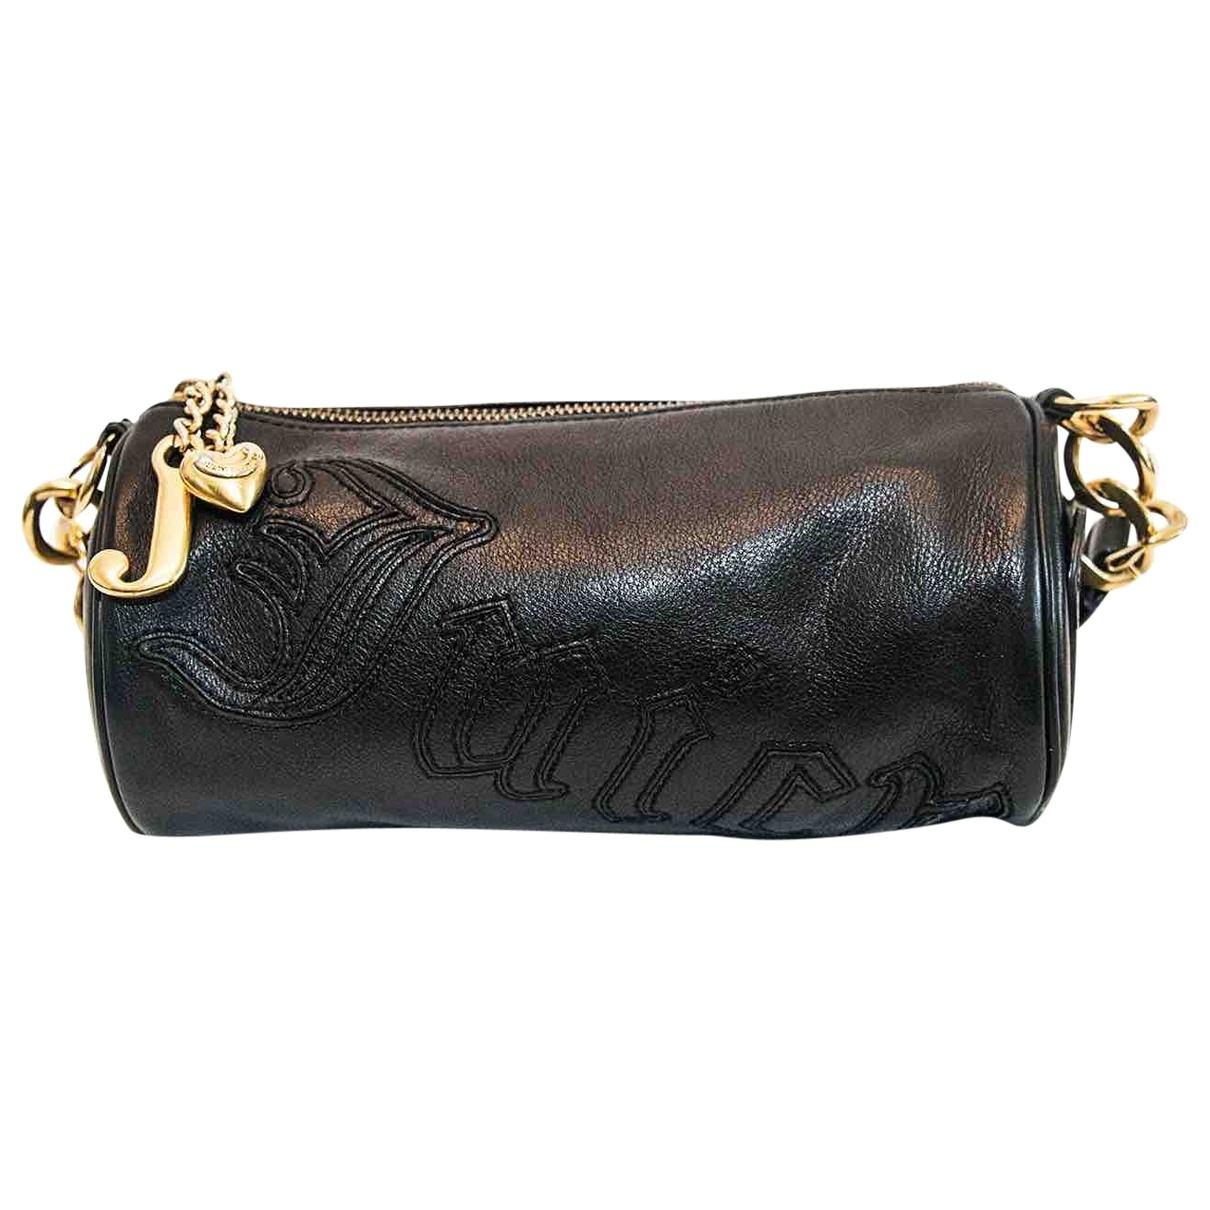 Juicy Couture - Sac a main   pour femme en cuir - noir